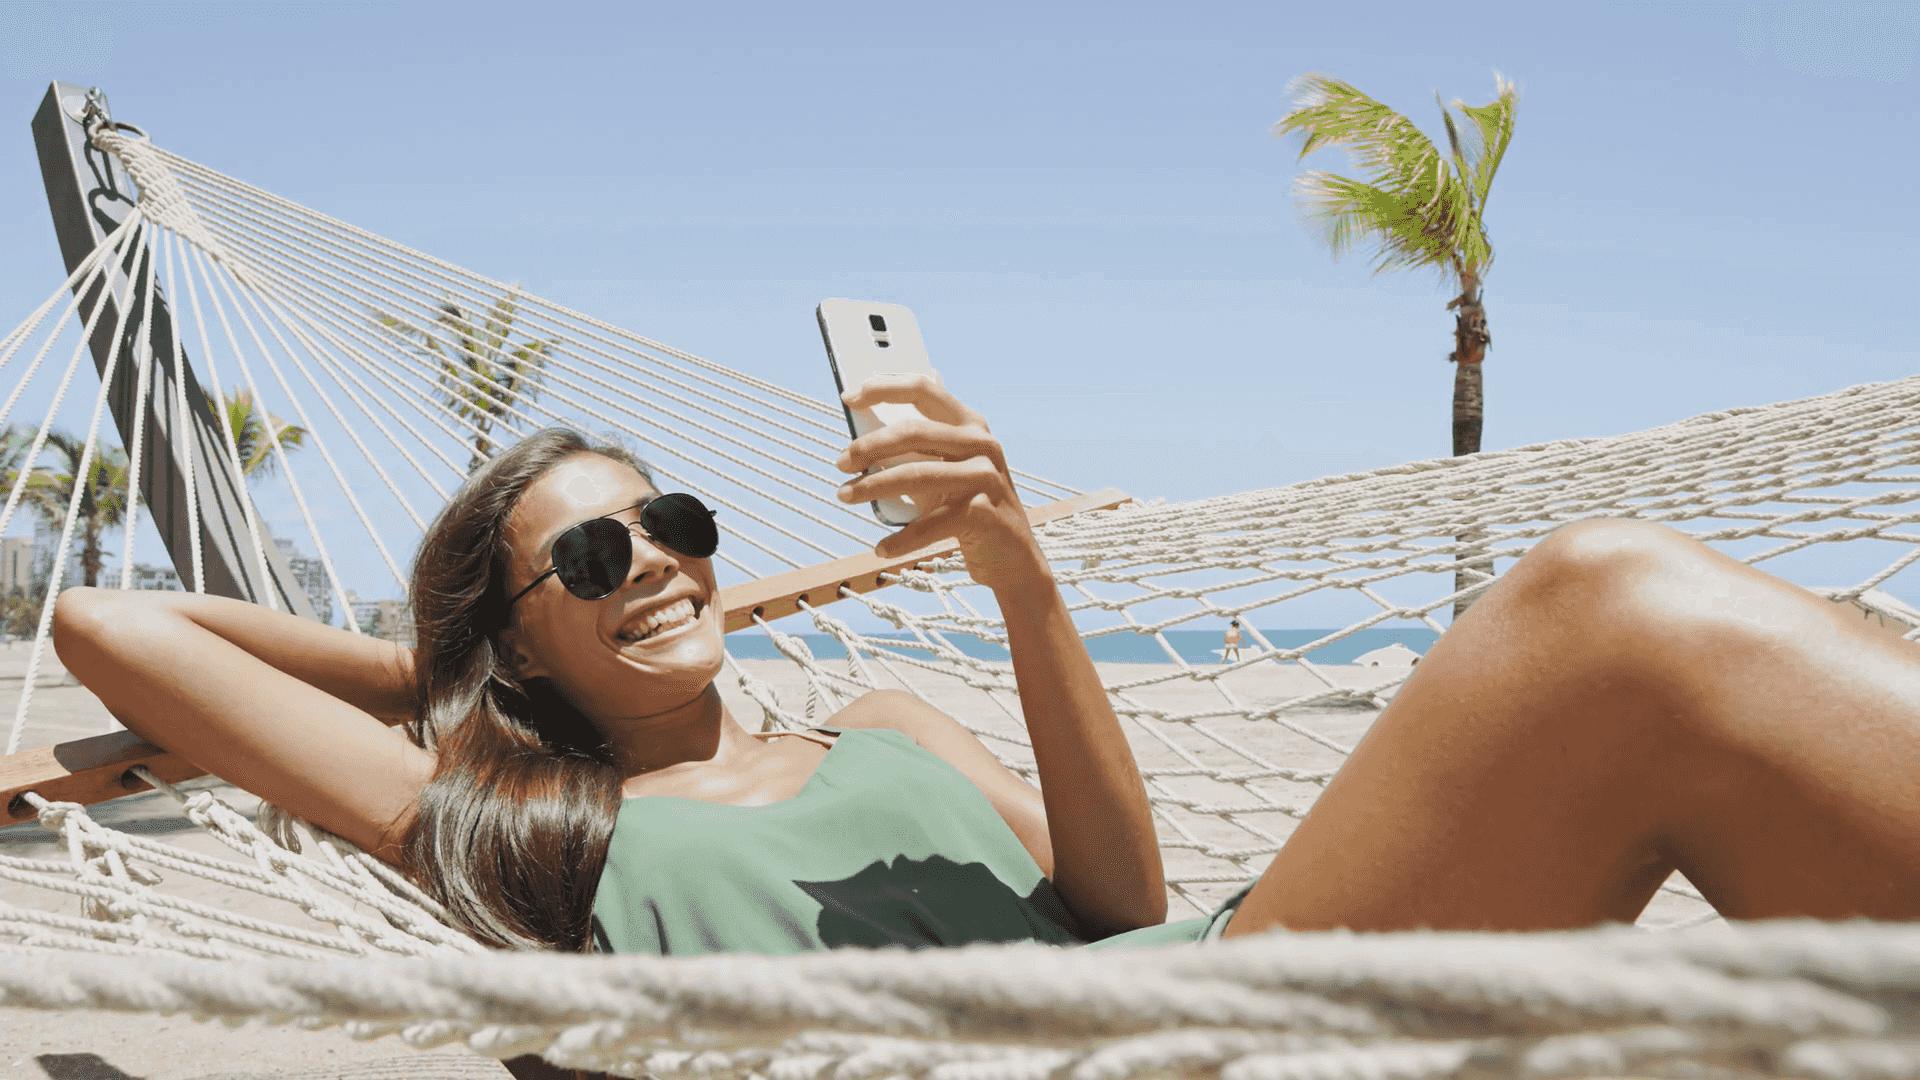 Chip para usar o celular em Cancún e México